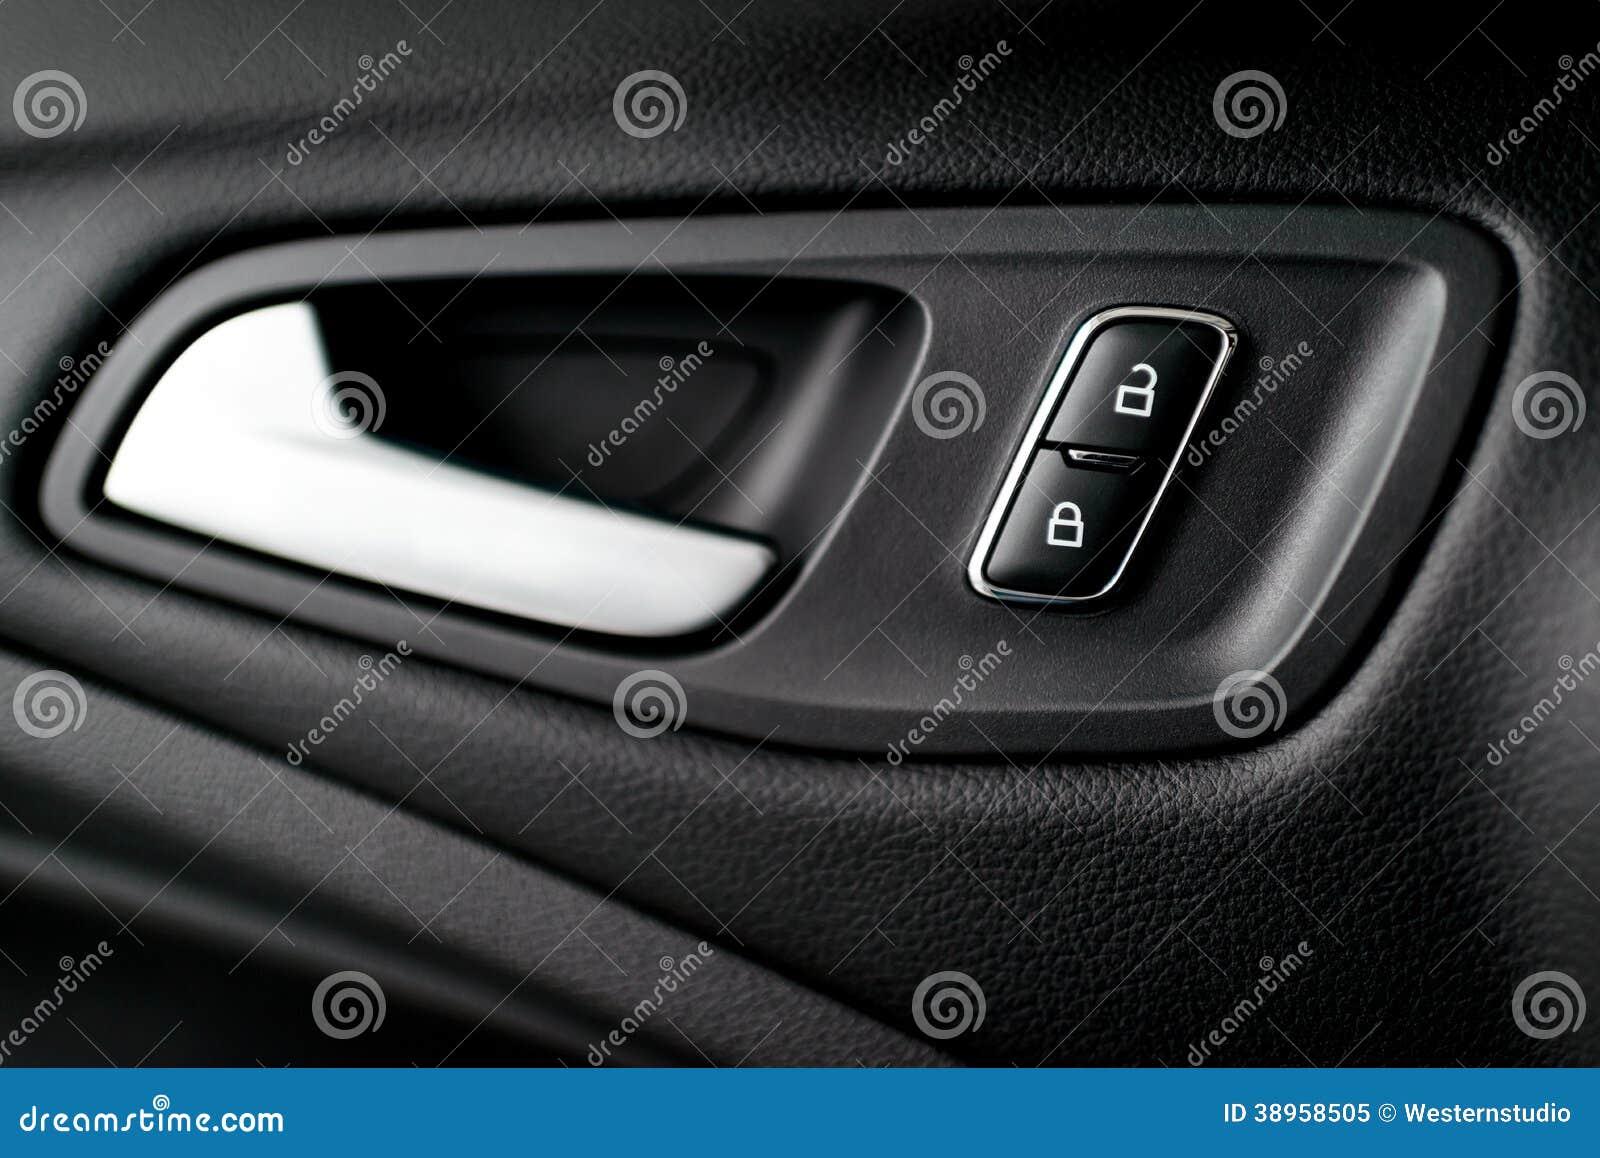 inside car door handle. Perfect Door Inside Car Door Handle Handle With Inside Car Door Handle I